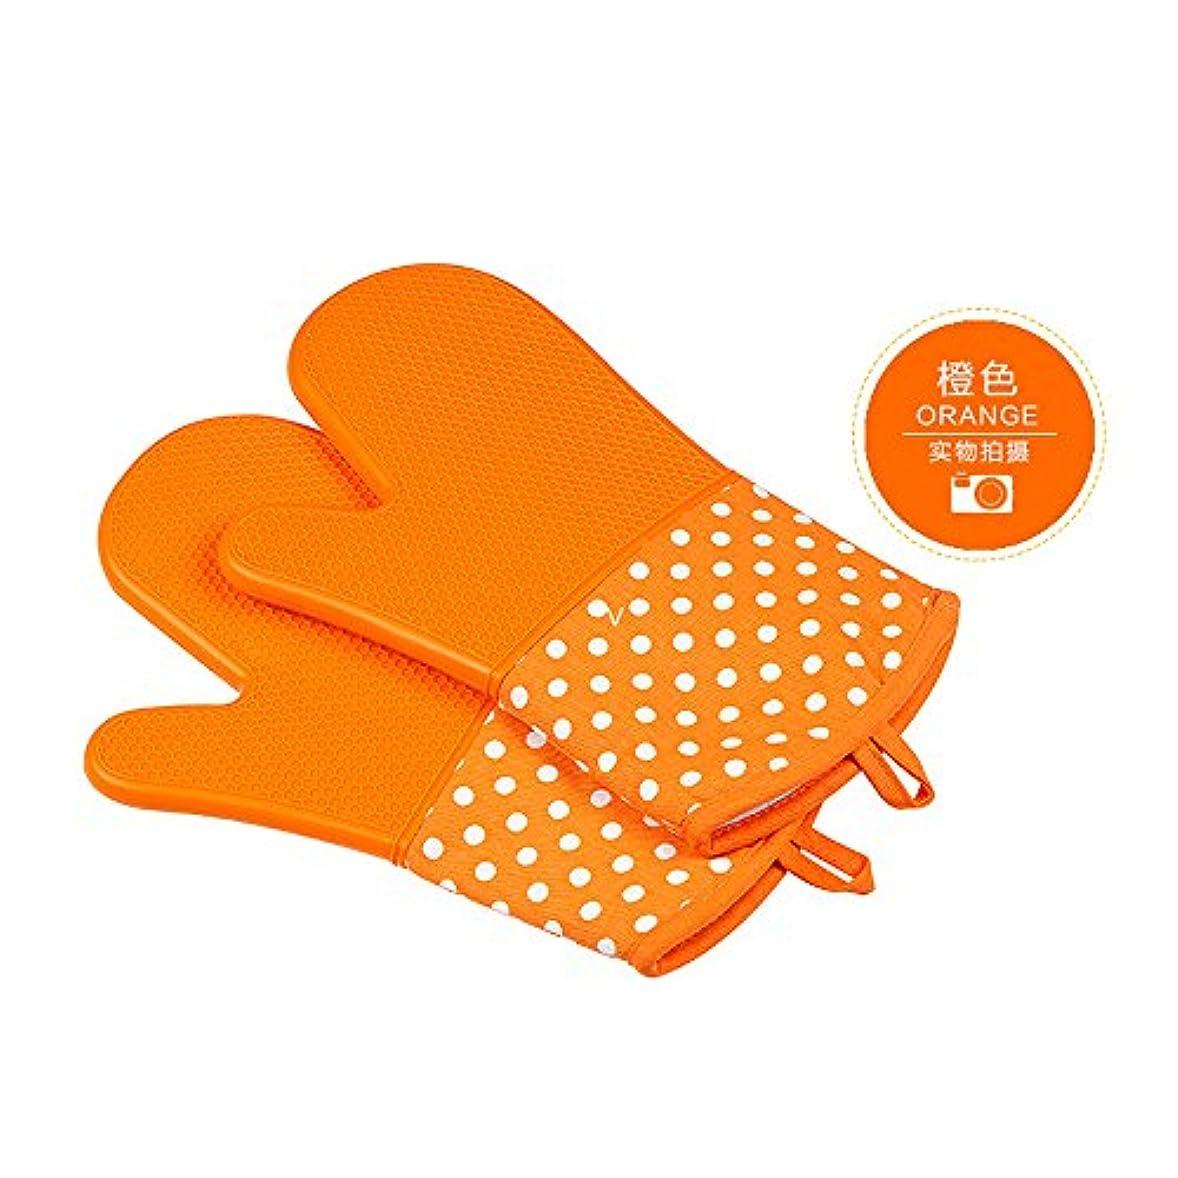 読者練習した従事するJOOP【2個セット】【シリコンベーキング手袋】【バーベキュー手袋】【キッチン電子レンジの手袋】【オーブン断熱手袋】【300の加熱温度極値】【7色】 (グリーン)